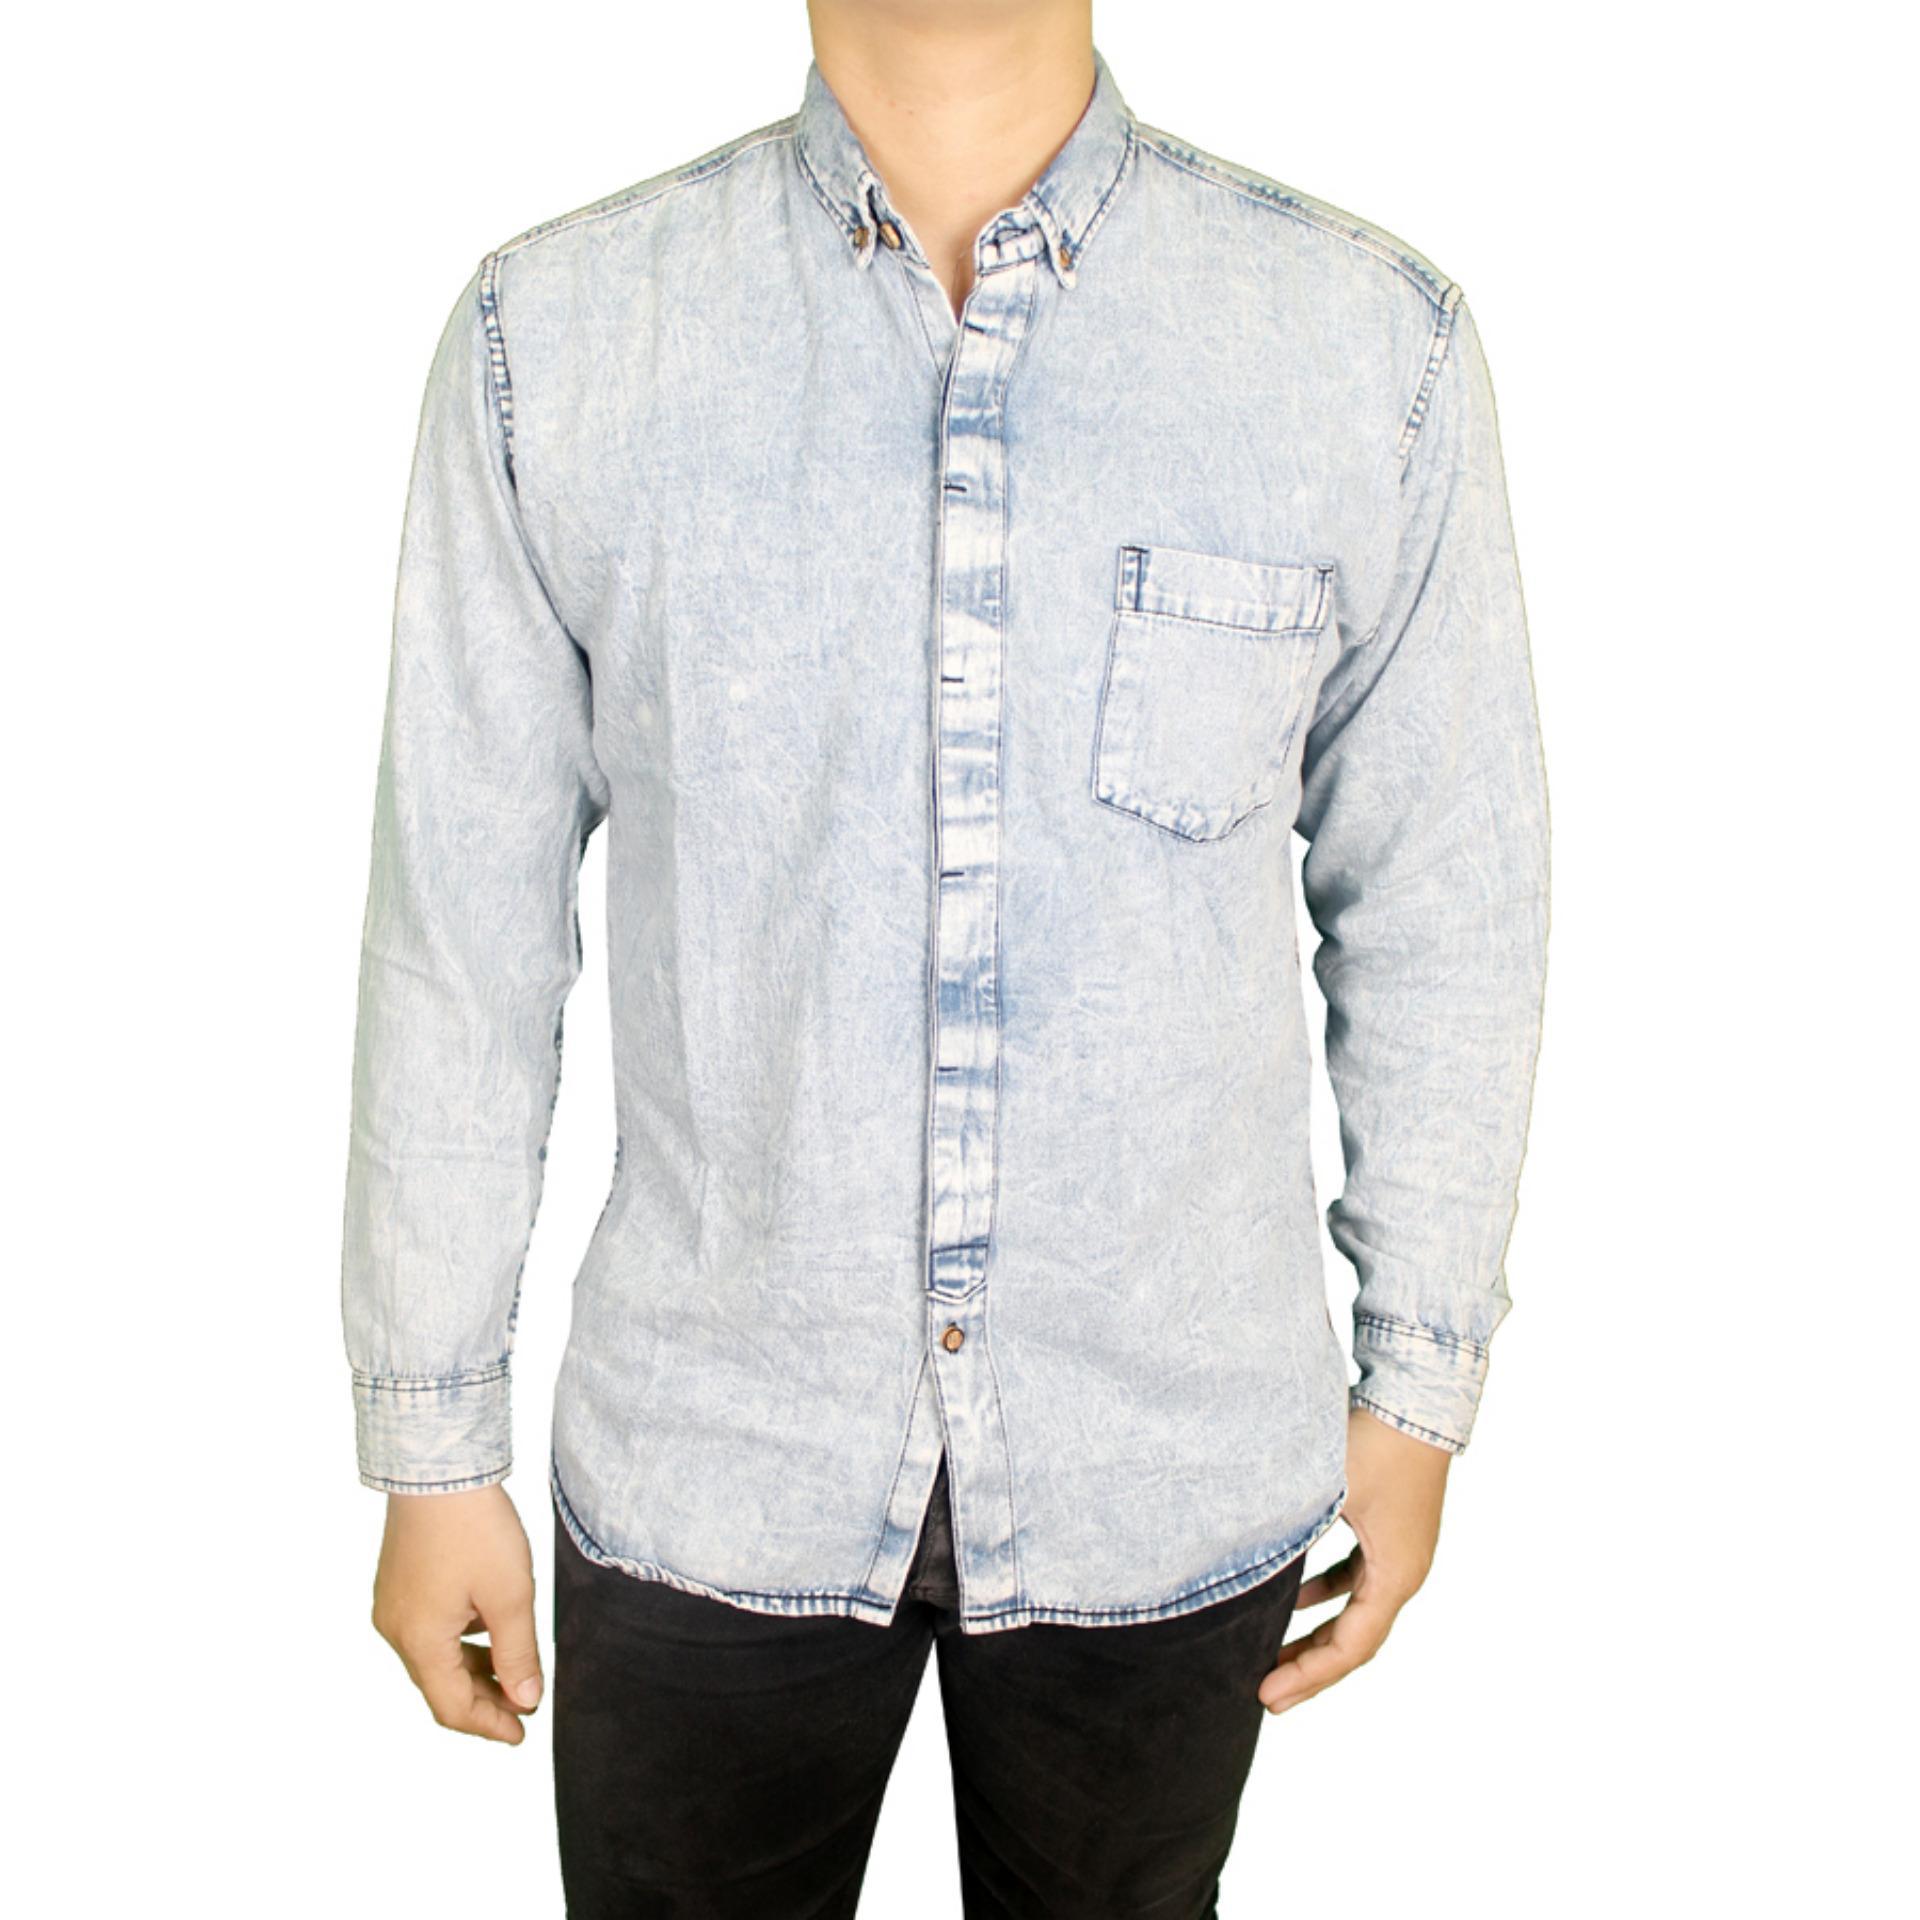 Promo Toko Gudang Fashion Kemeja Jeans Pria Terbaru Biru